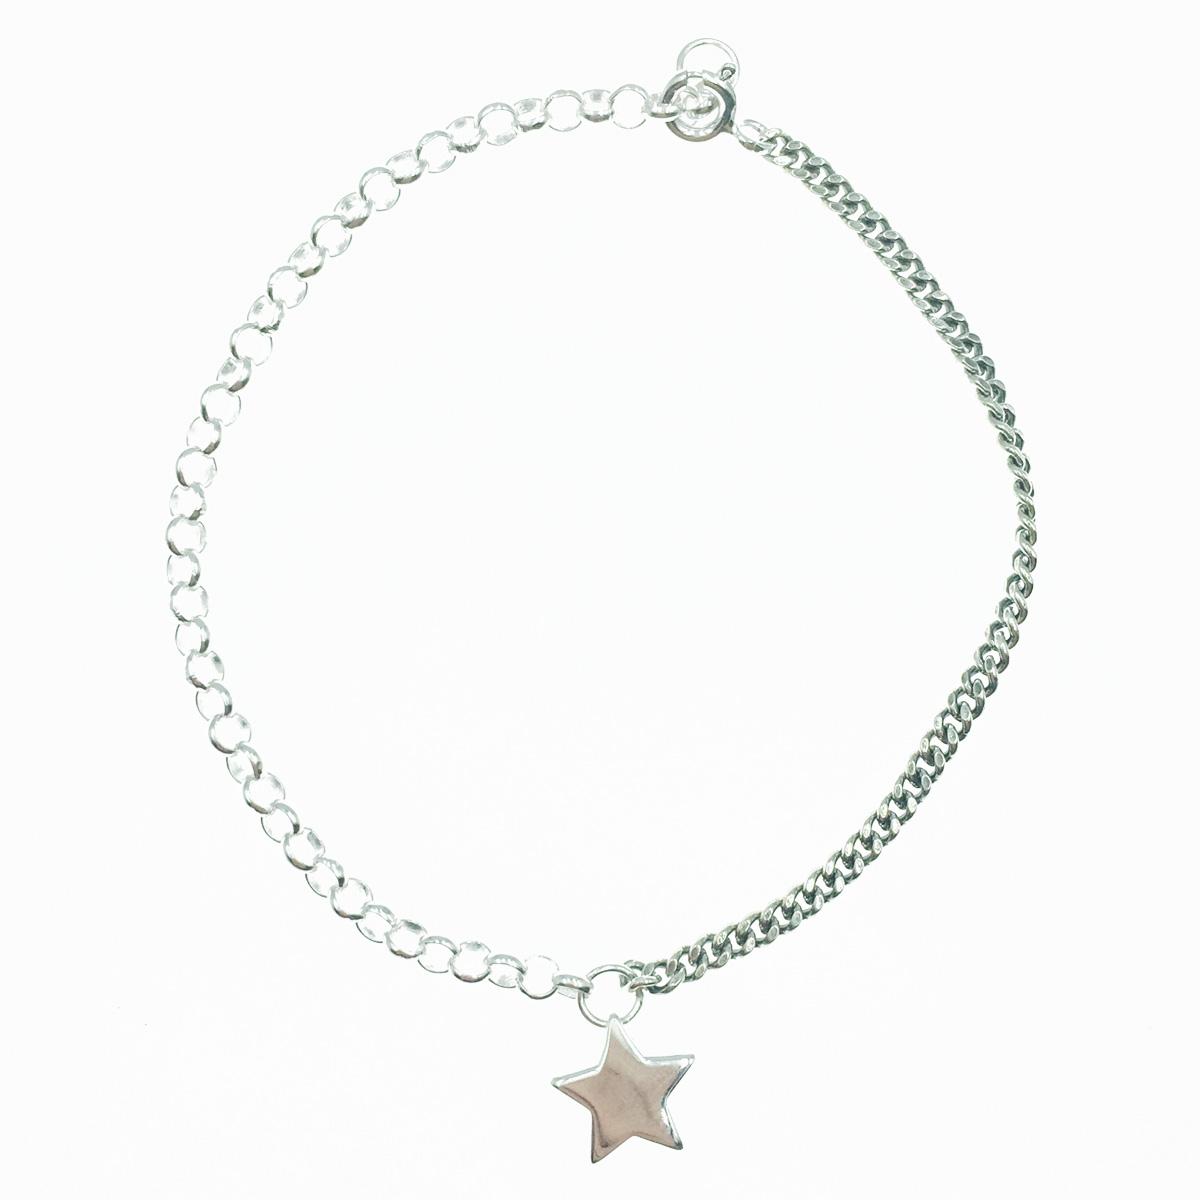 韓國 925純銀 星星 金屬風 墜飾 手飾 手鍊